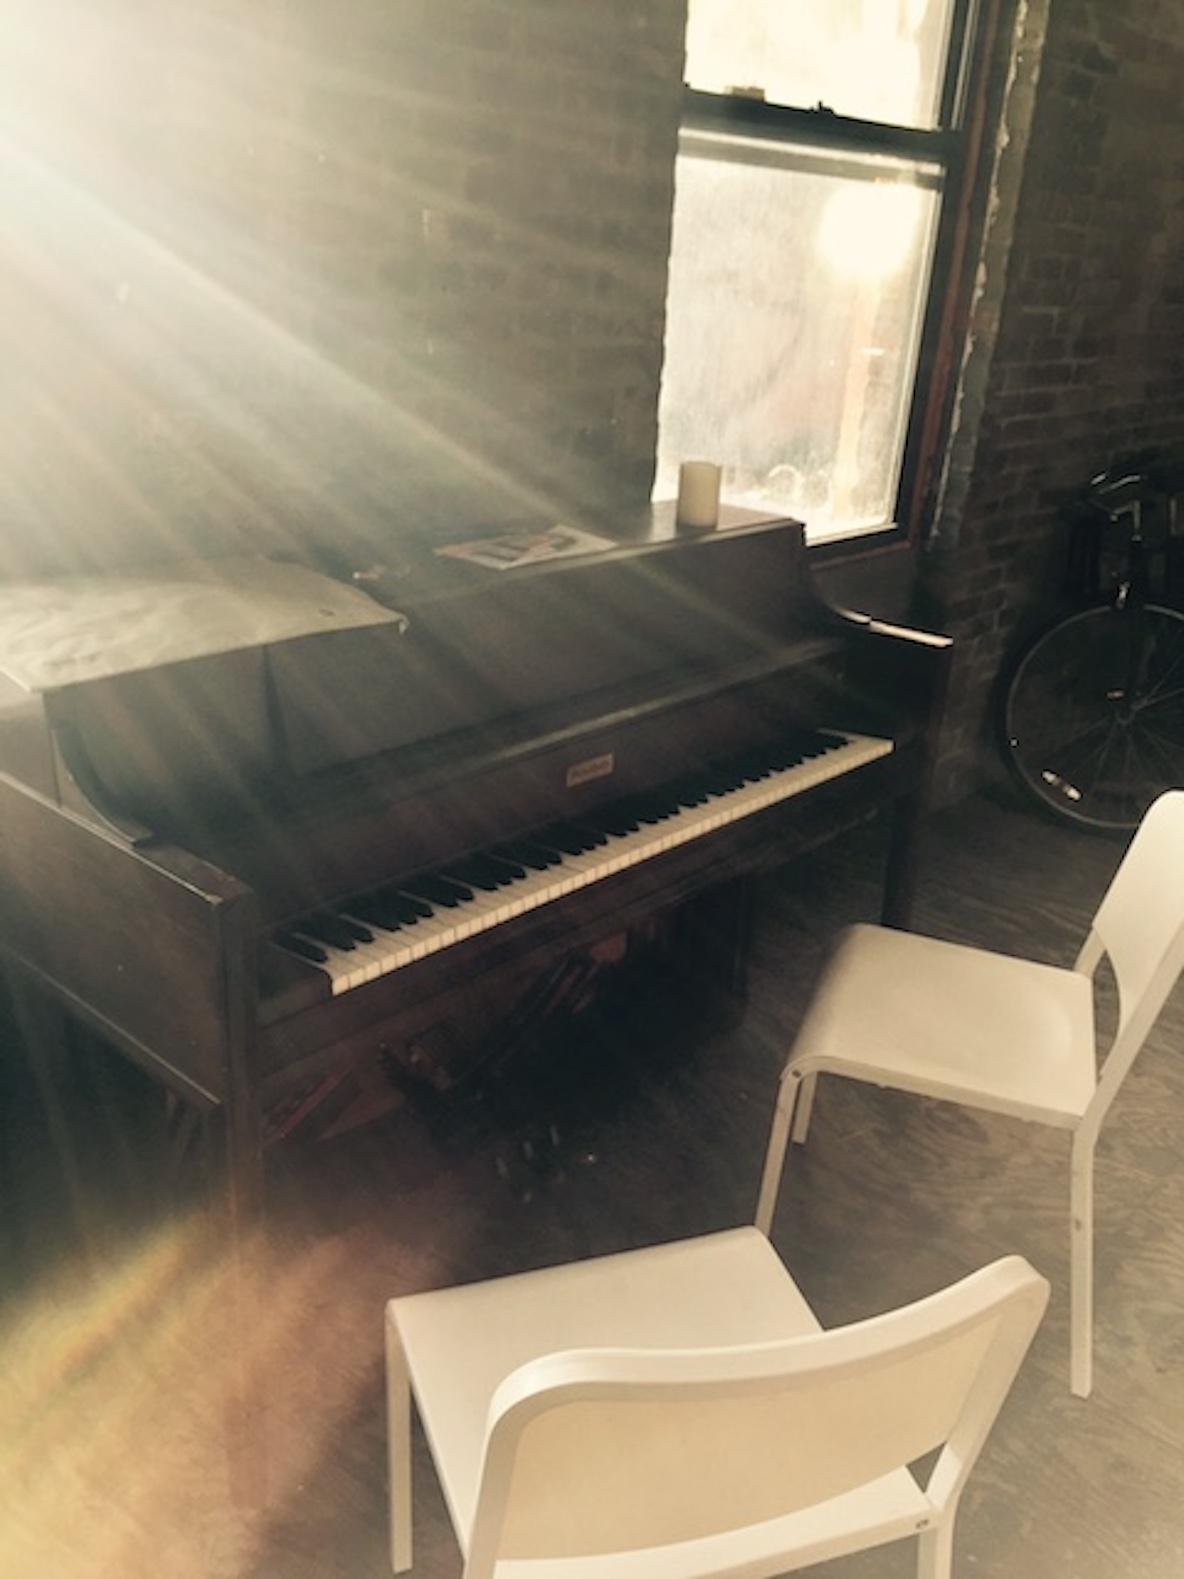 11人のアーティストが暮らす、ニューヨーク・ブルックリンのレトロなアパートメントにある古びたピアノ